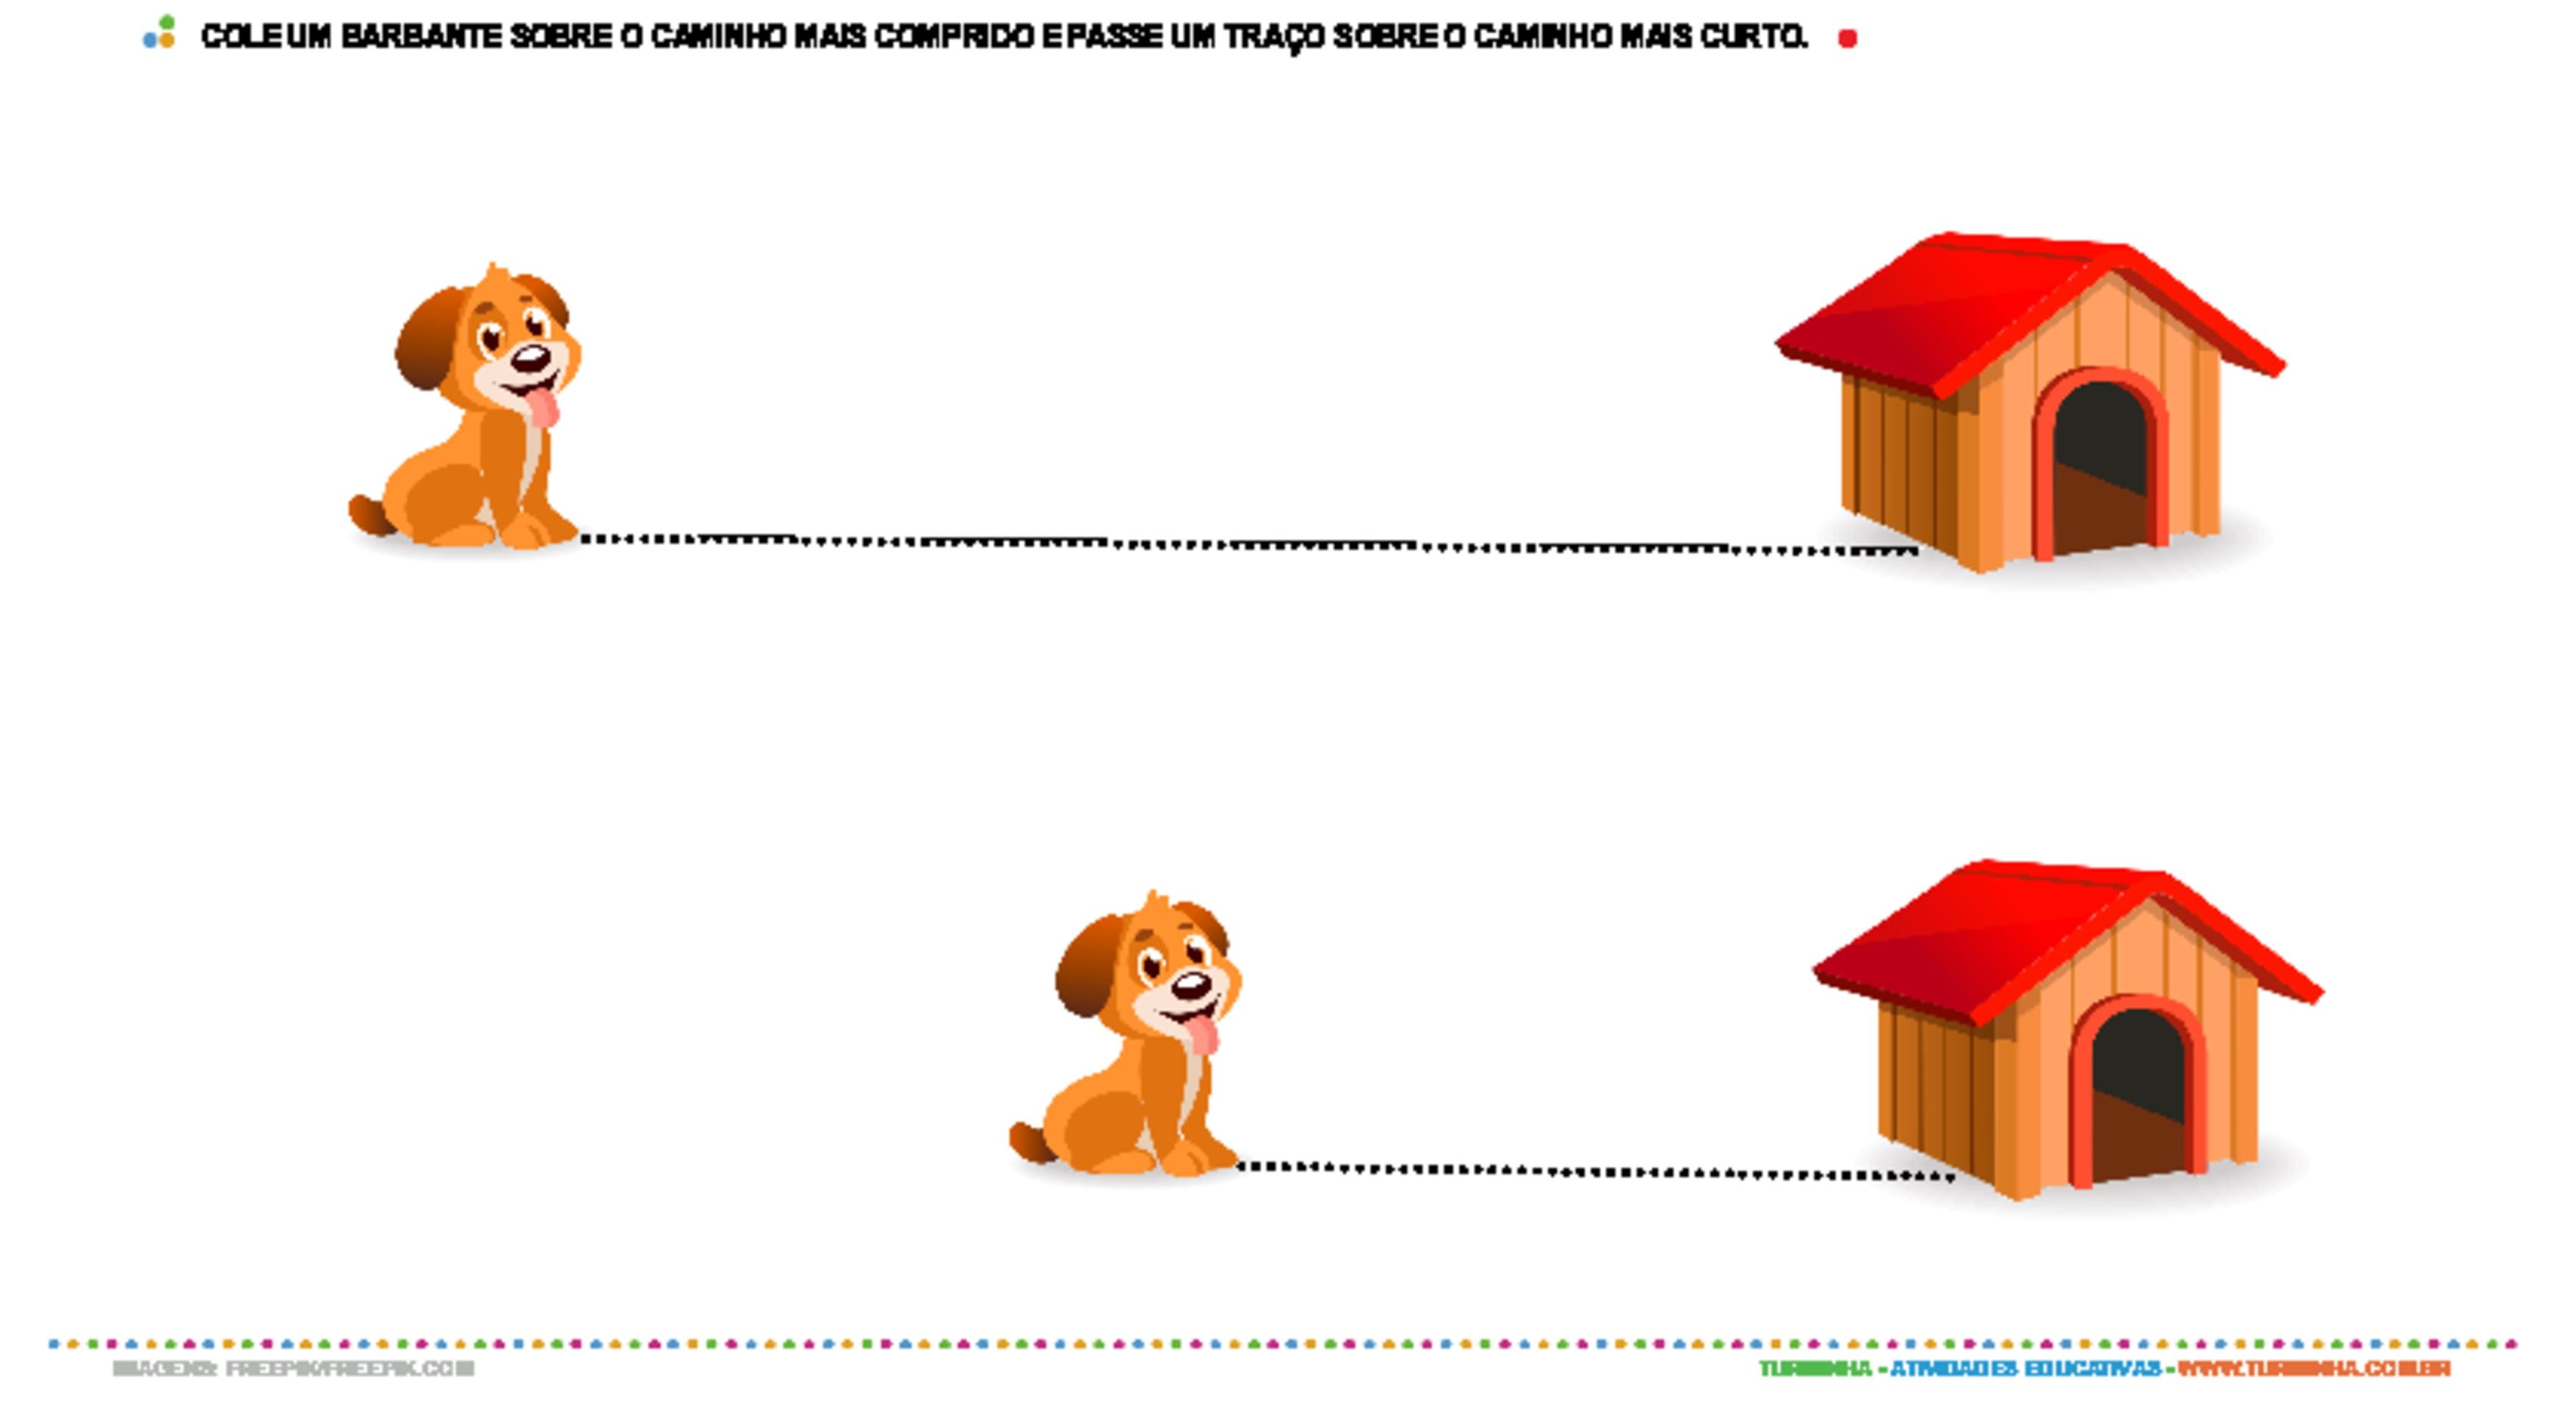 Curto ou Comprido - atividade educativa para Creche (0 a 3 anos)